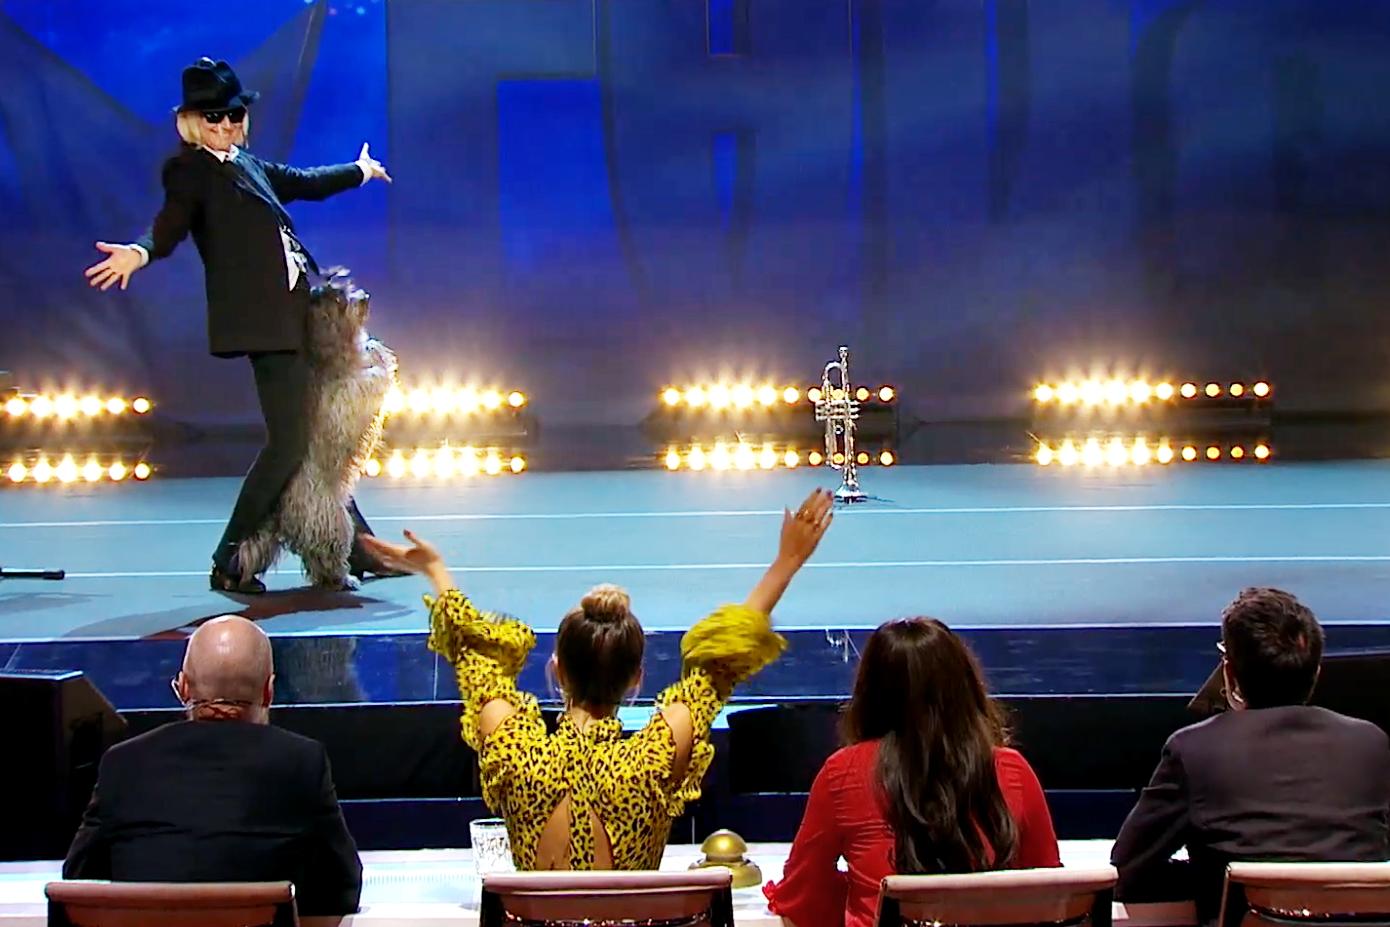 Bianca Ingrosso tyckte Kummin och Lisa var fantastiska och gav omedelbart ett ja till att paret skulle gå vidare. Även de övriga i juryn; Alexander Bard, LaGaylia Frazier och David Batra ville se Kummin och Lisa gå vidare.